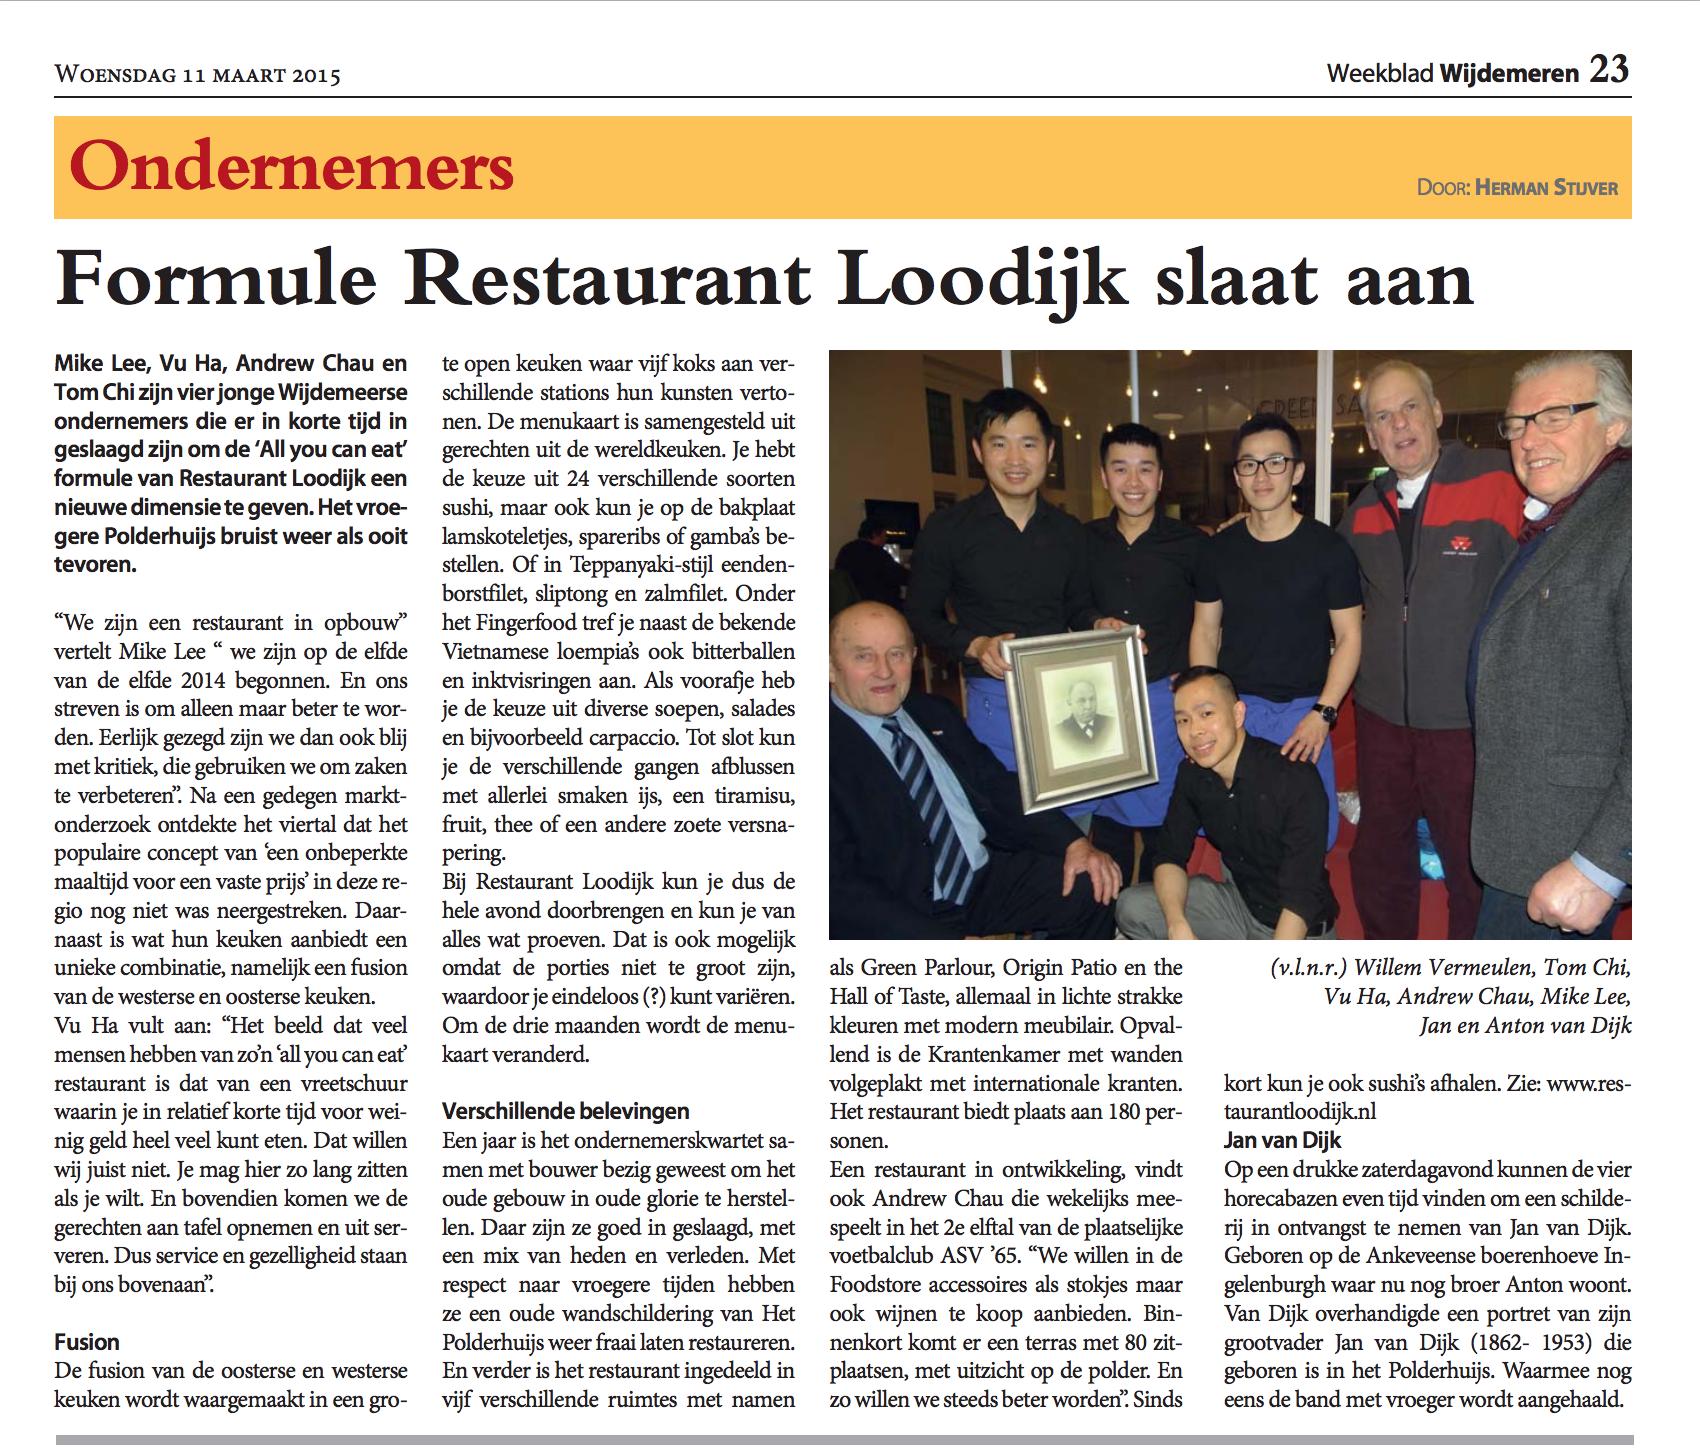 Formule Restaurant Loodijk slaat aan